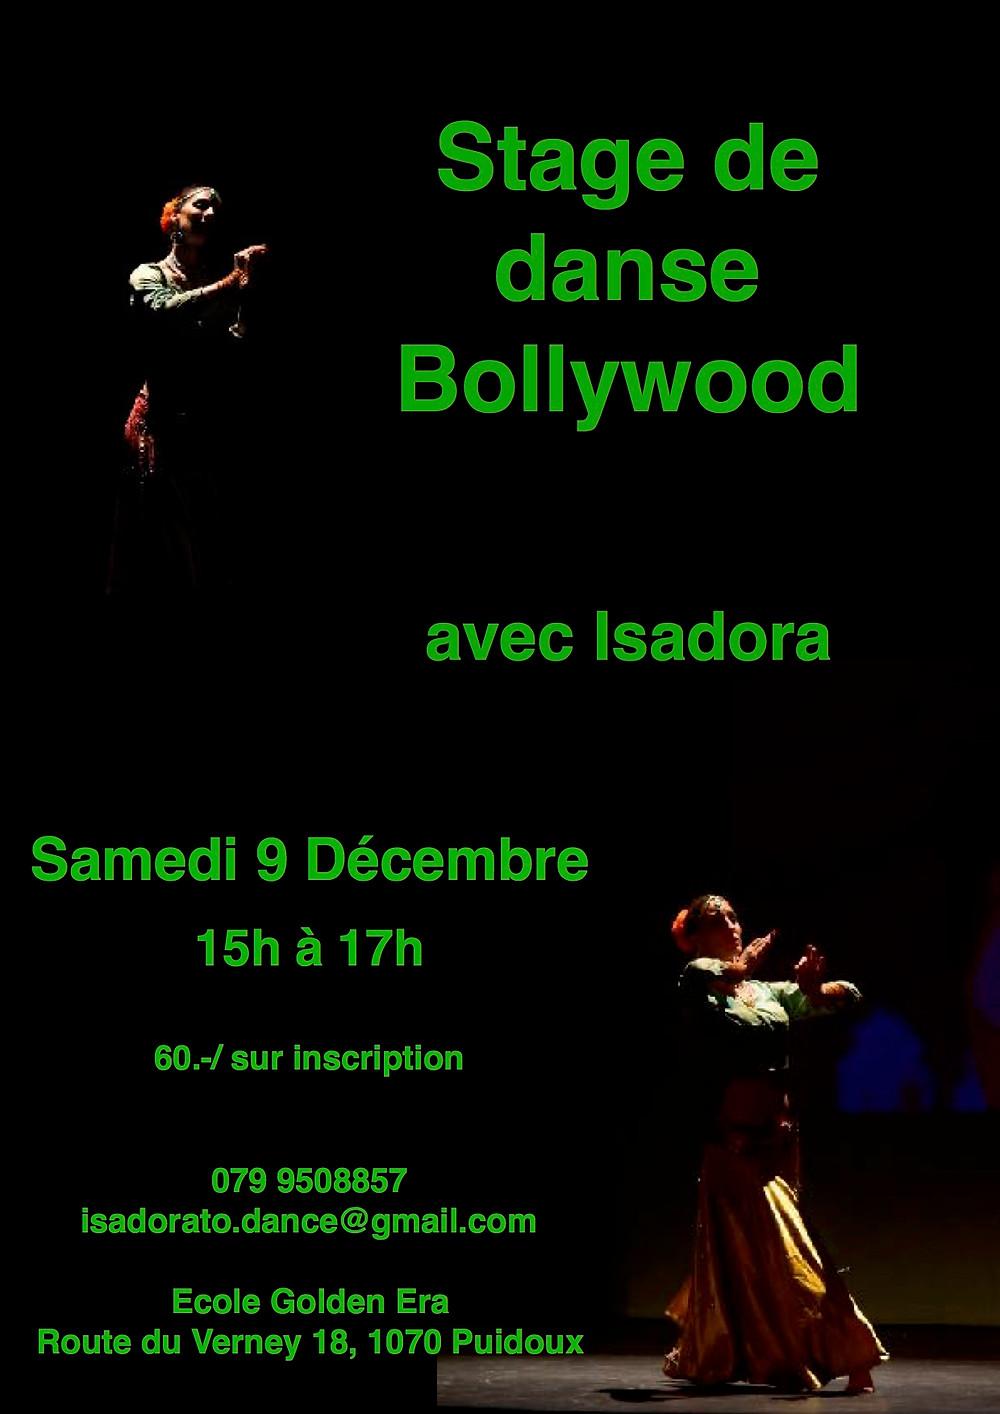 Je vous attends le 9 décembre à l'école Golden Era de Puidoux pour apprendre une nouvelle chorégraphie des films indiens!